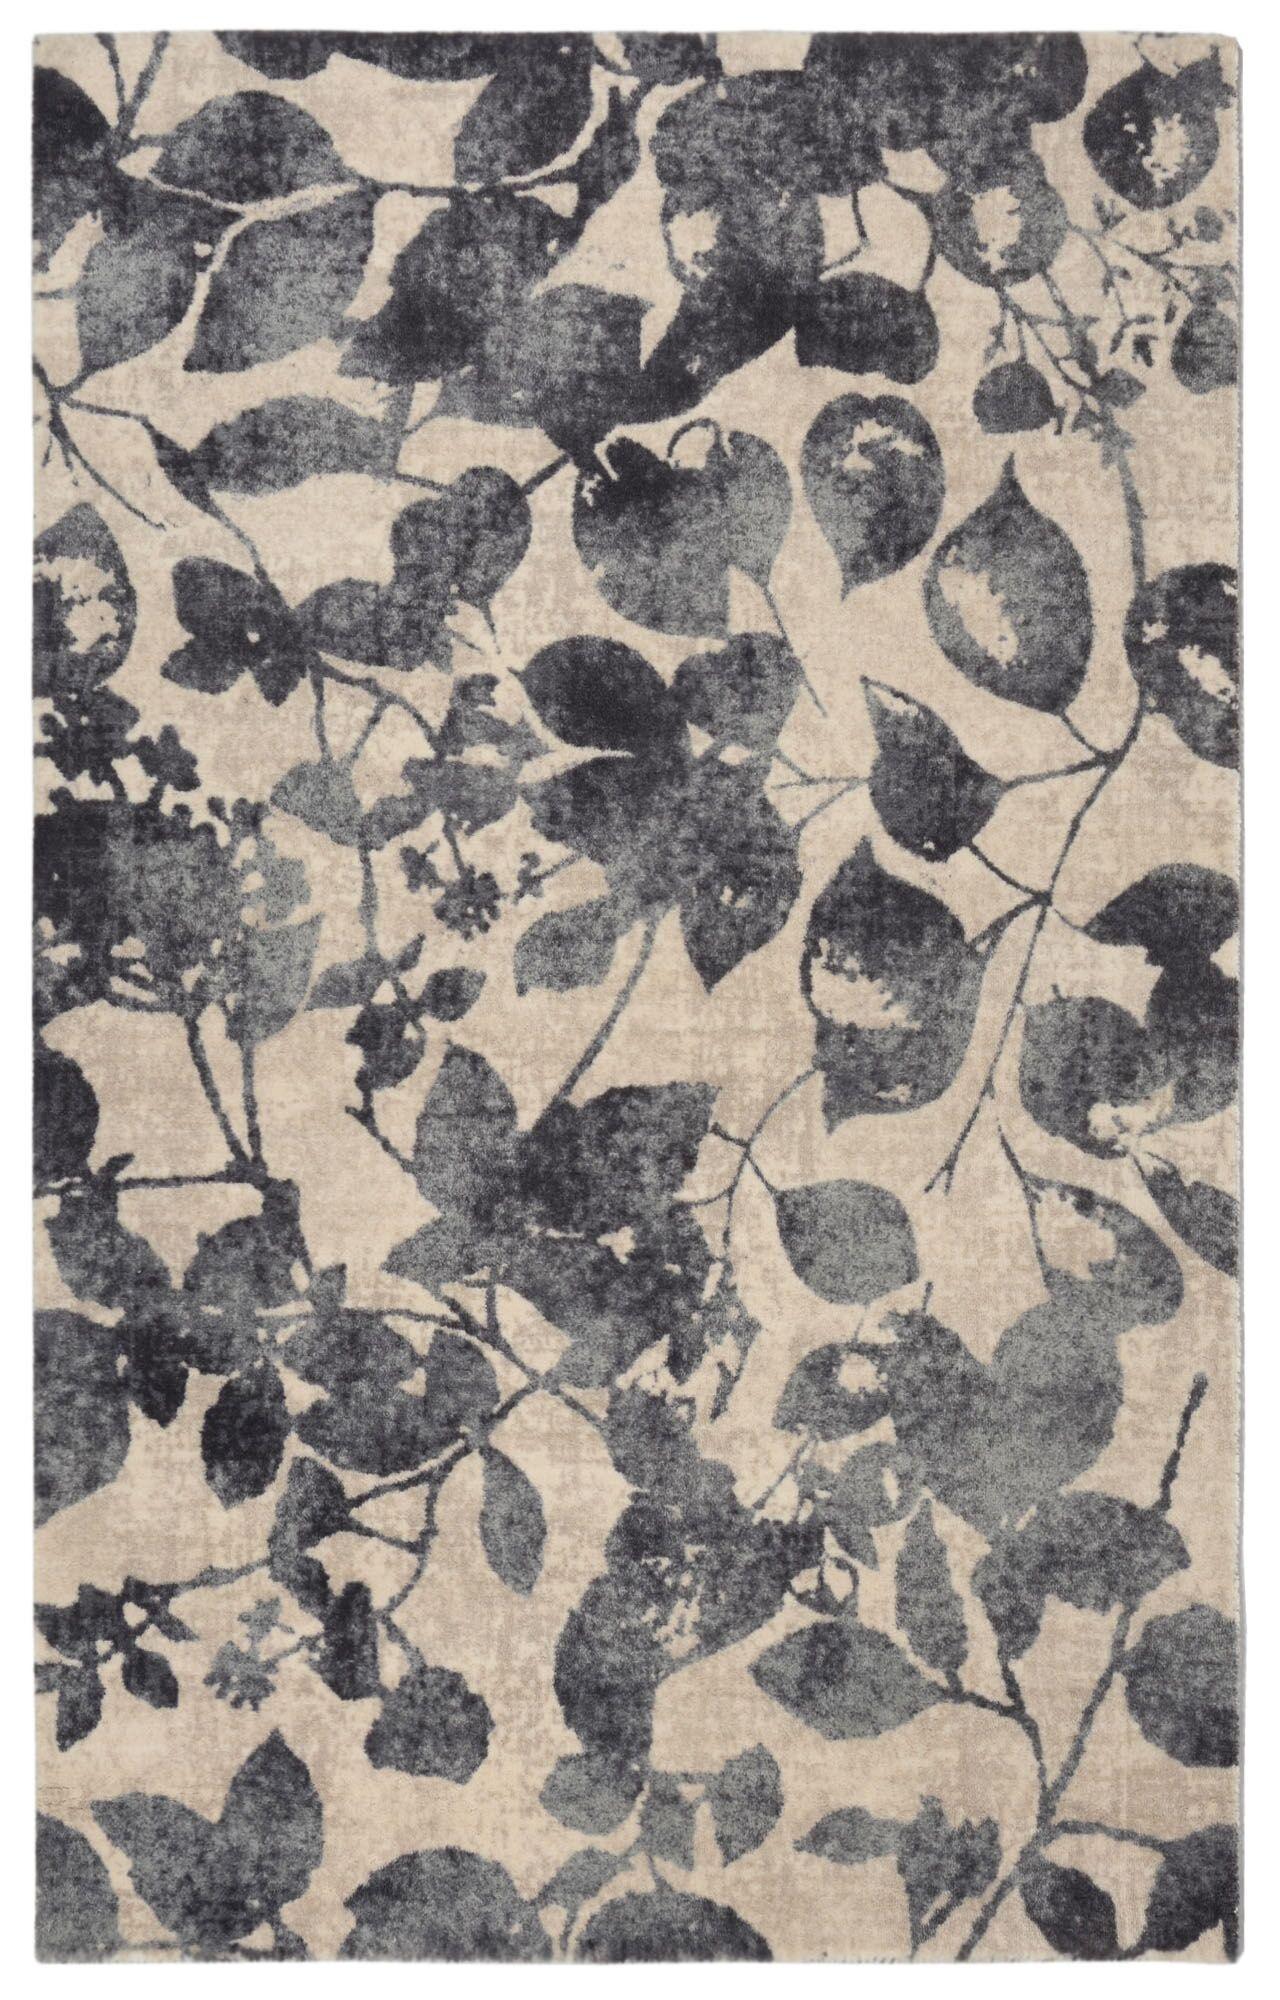 Bartlet Modern Floral Charcoal/Ivory Area Rug Rug Size: Rectangle 5'6